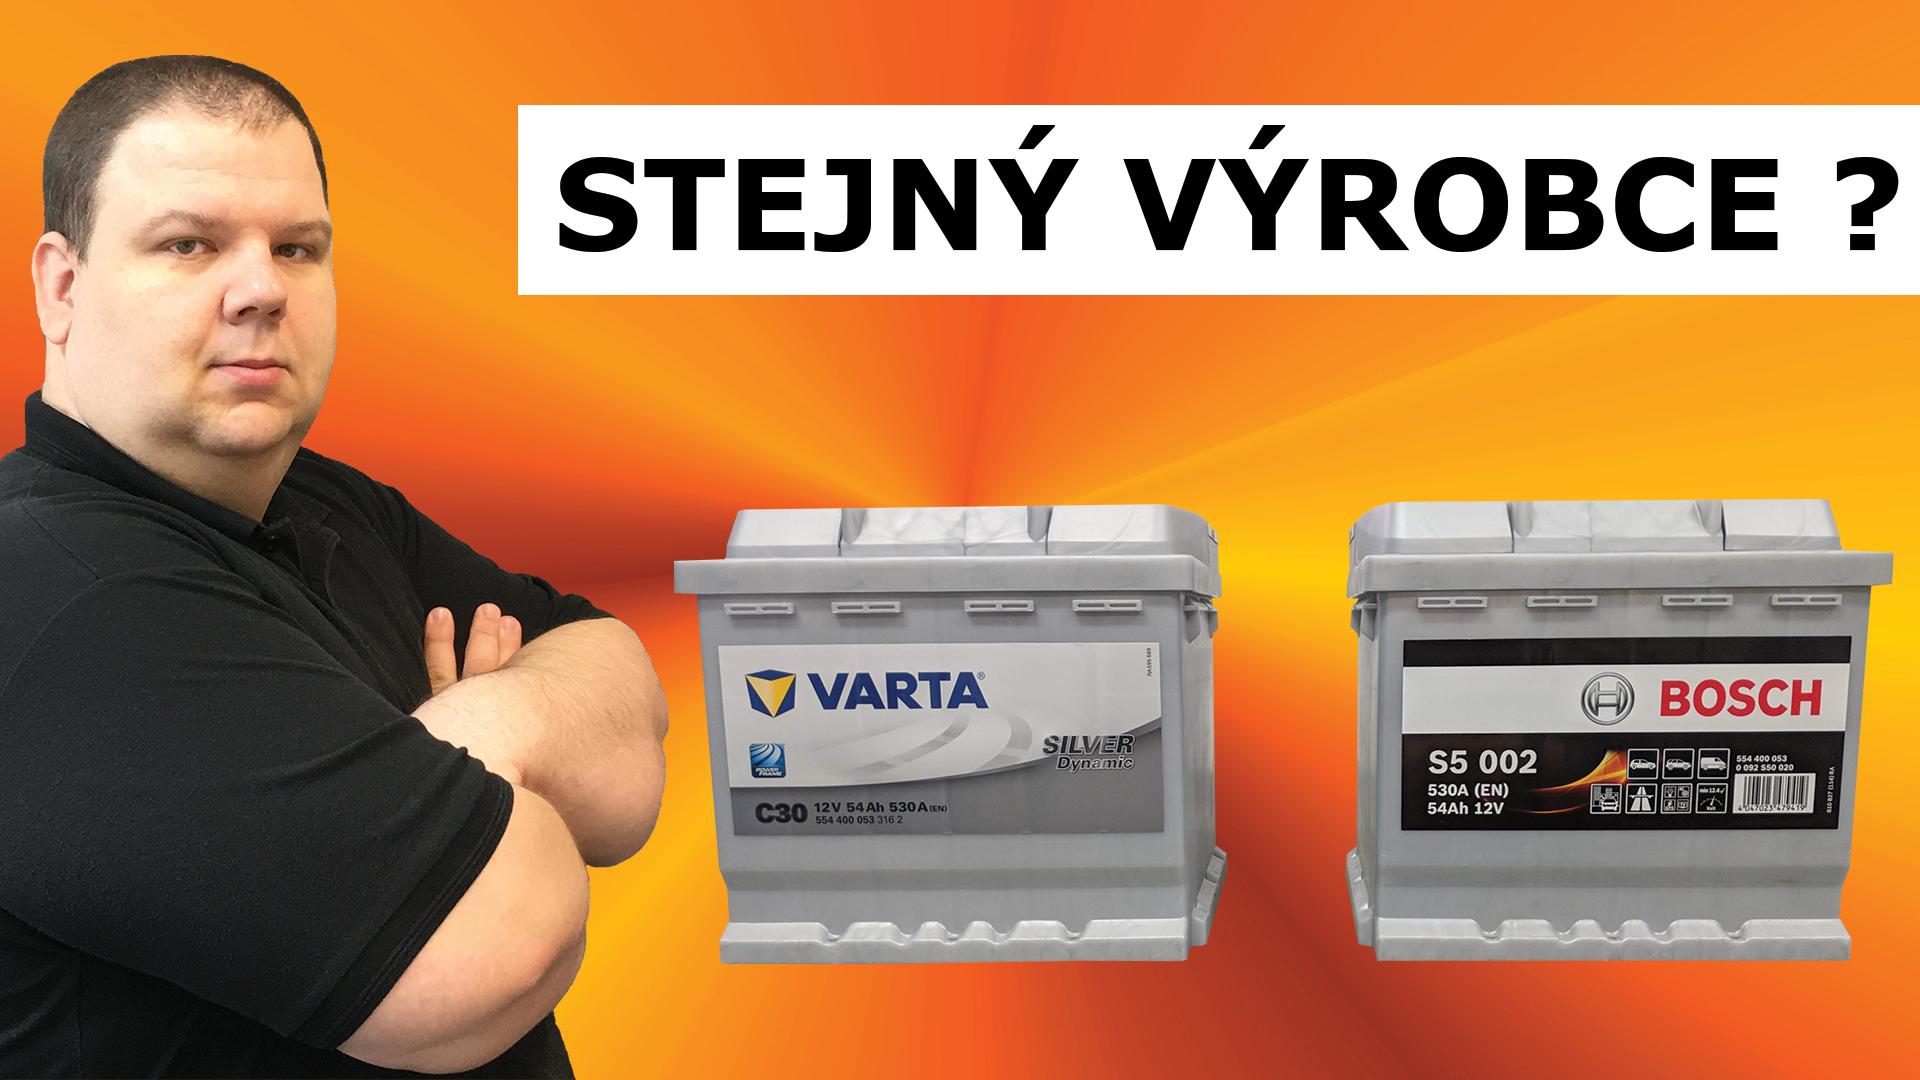 VIDEO - Věděli jste že Varta a Bosch jsou stejný výrobce?